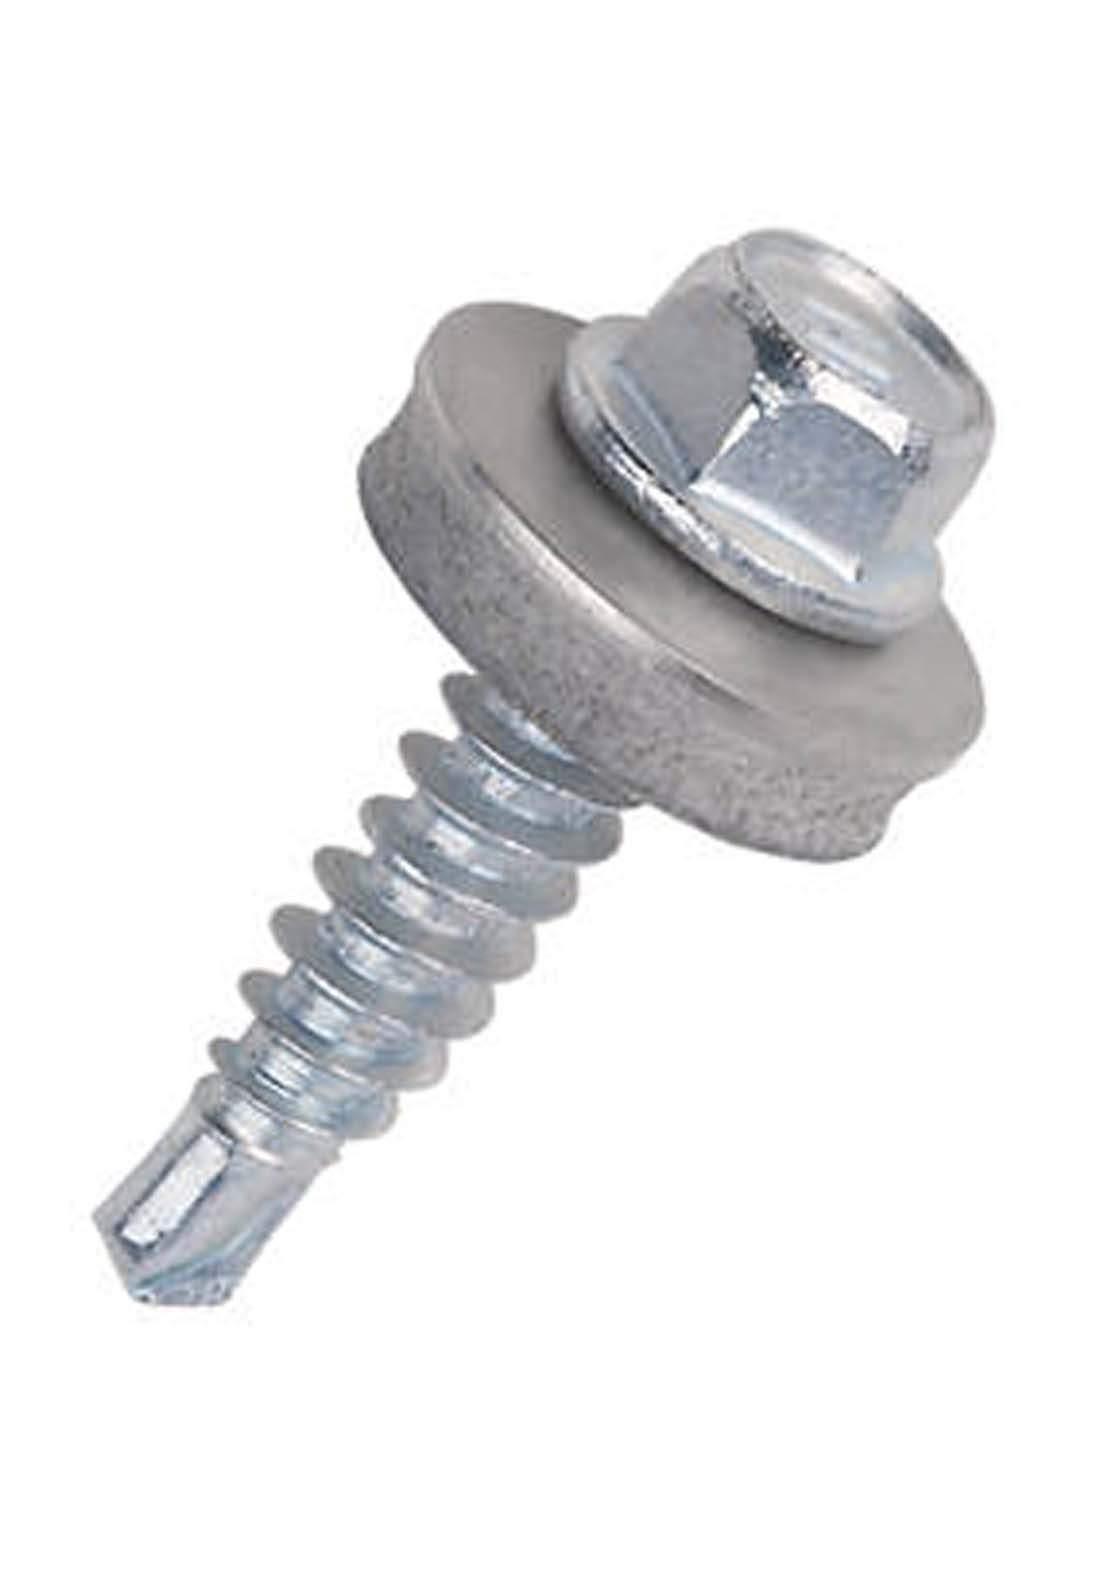 Patta Self Drilling Screw Hex Washer Head 6.3*38 mm  برغي برينة